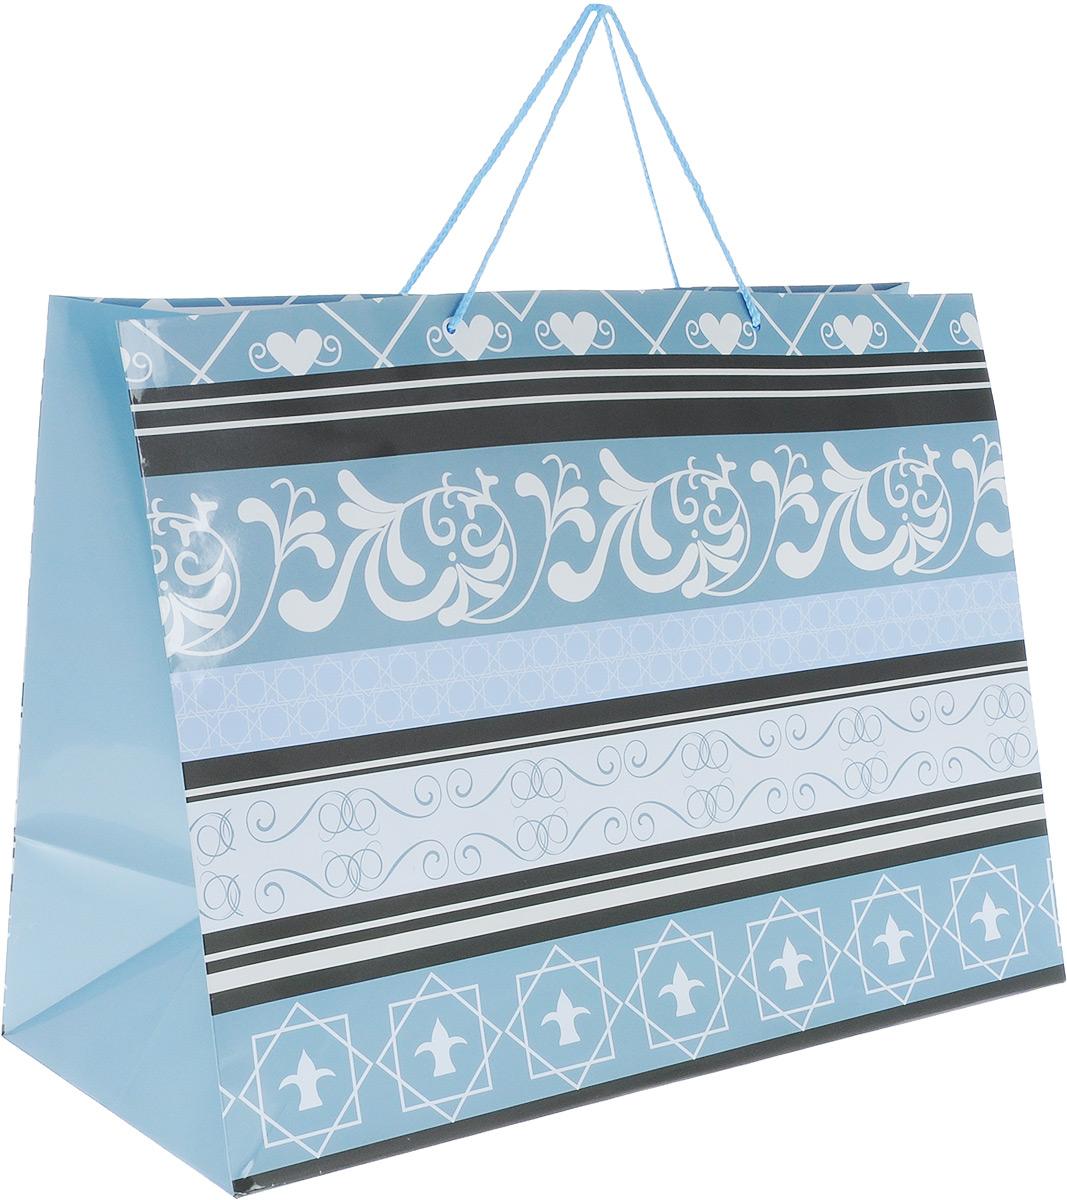 Пакет подарочный МегаМАГ Mix. Узоры, 56 х 41 х 24 см. 924/925 XXLHS03201004Подарочный пакет МегаМАГ Mix. Узоры, изготовленный из плотной ламинированной бумаги, станет незаменимым дополнением к выбранному подарку. Для удобной переноски на пакете имеются ручки-шнурки.Подарок, преподнесенный в оригинальной упаковке, всегда будет самым эффектным и запоминающимся. Окружите близких людей вниманием и заботой, вручив презент в нарядном, праздничном оформлении.